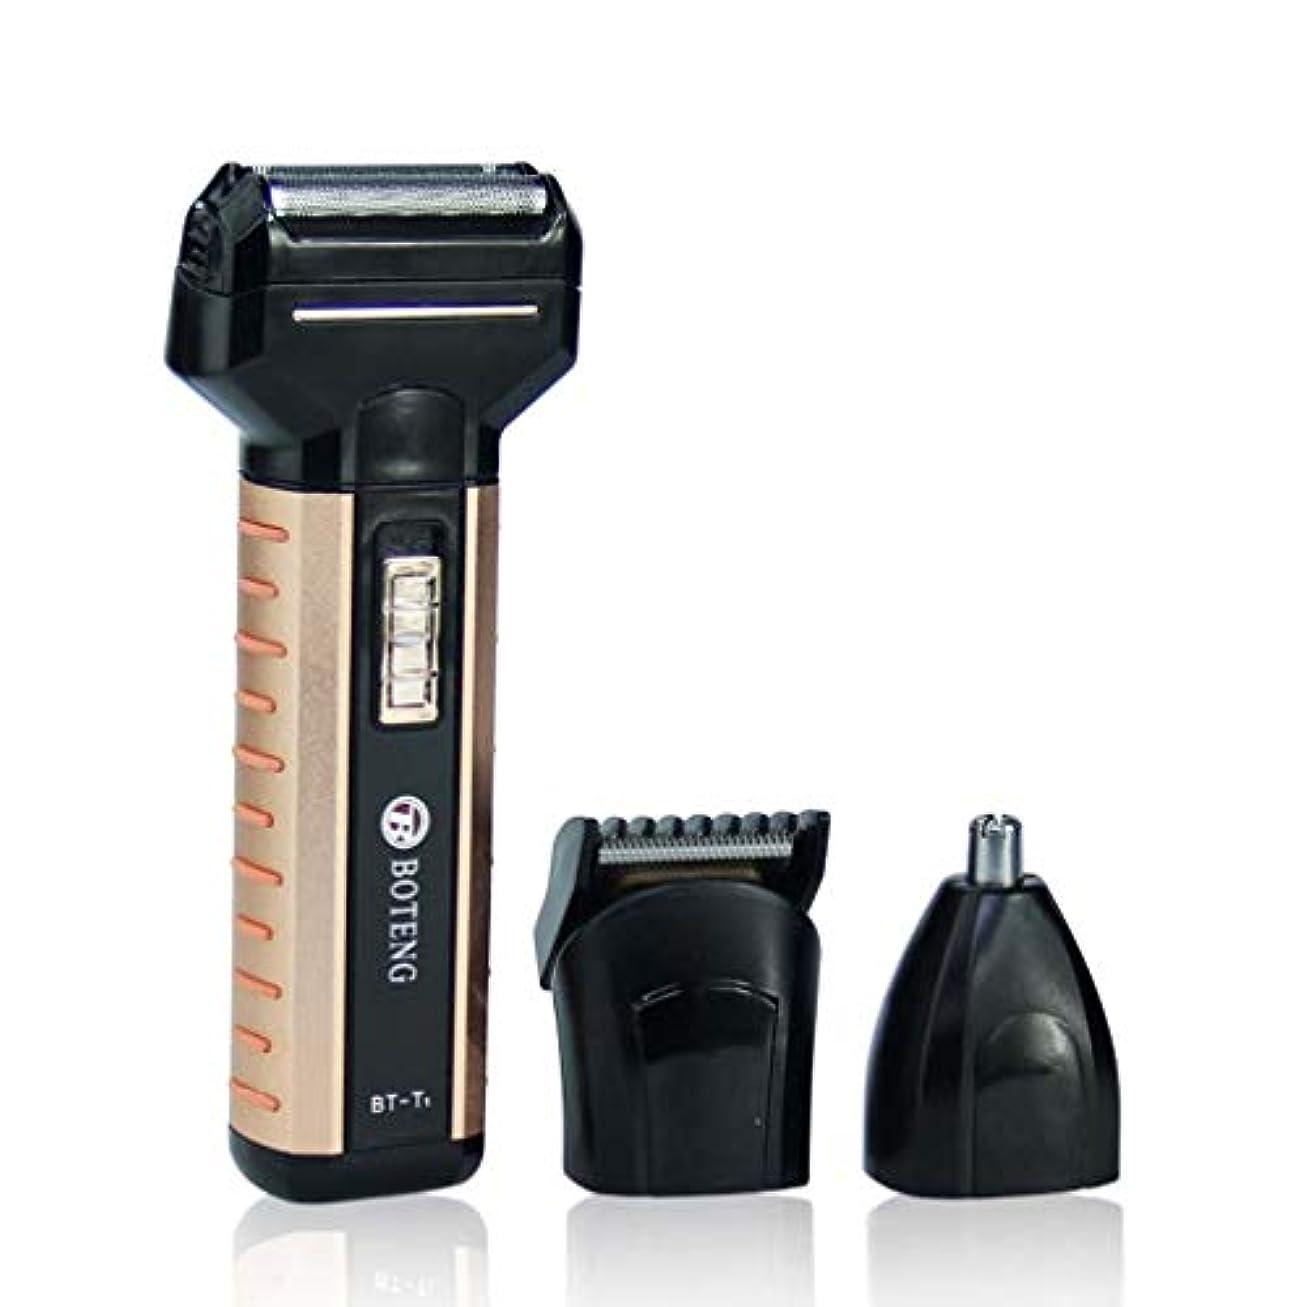 認証相対性理論バブル頭と顔のための男性の電気カミソリ用USB充電式電気シェーバー、防水トリマーコードレス